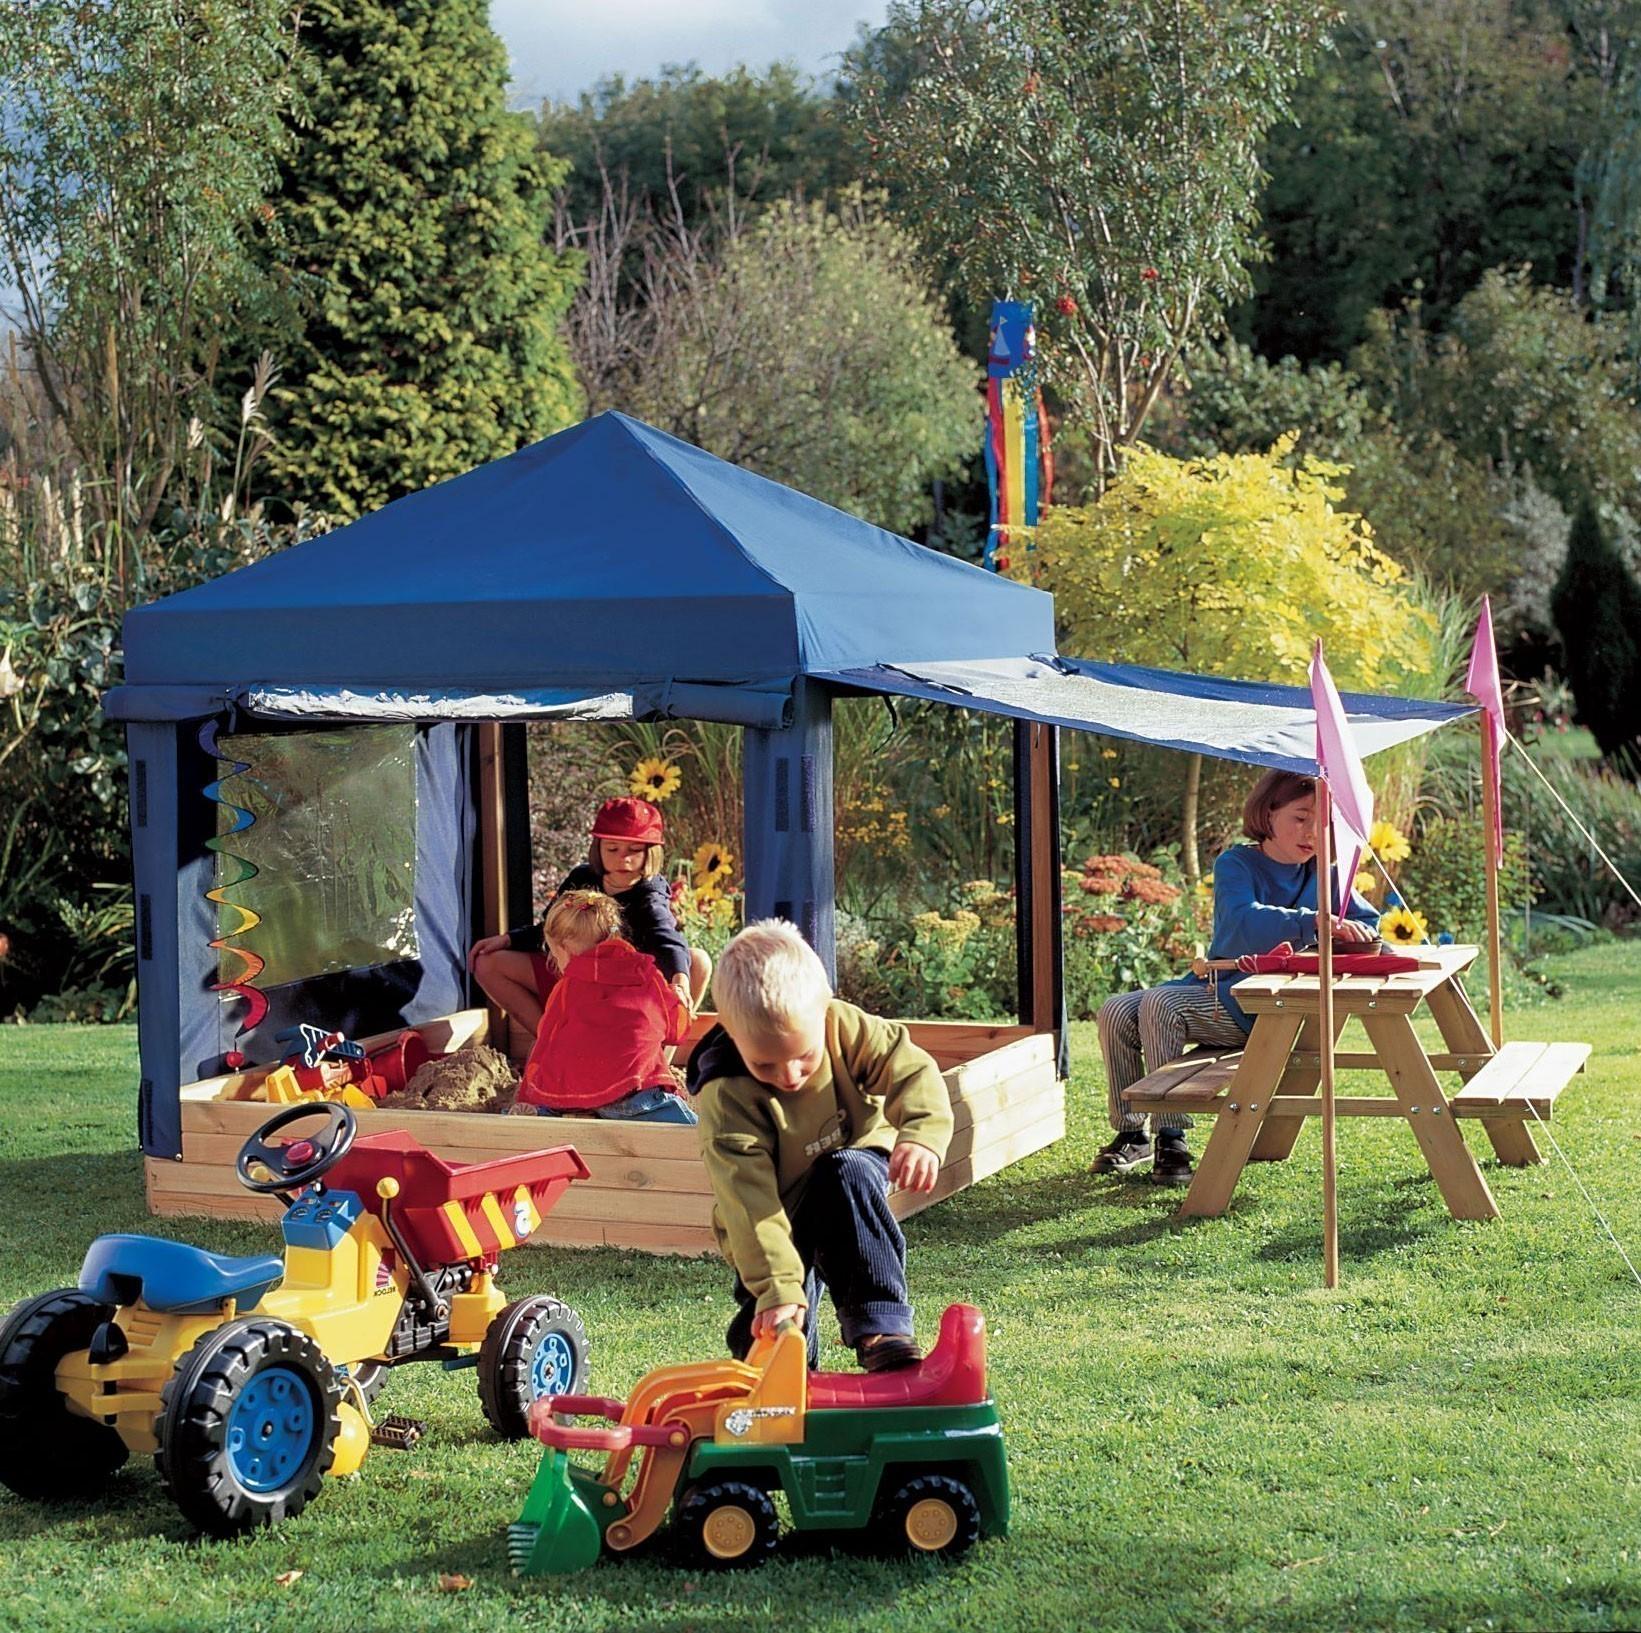 Sandkasten Mit Dach Absenkbar Kinder Metradirektde: Kinderpavillon / Sandkasten BENJAMIN Mit Dach